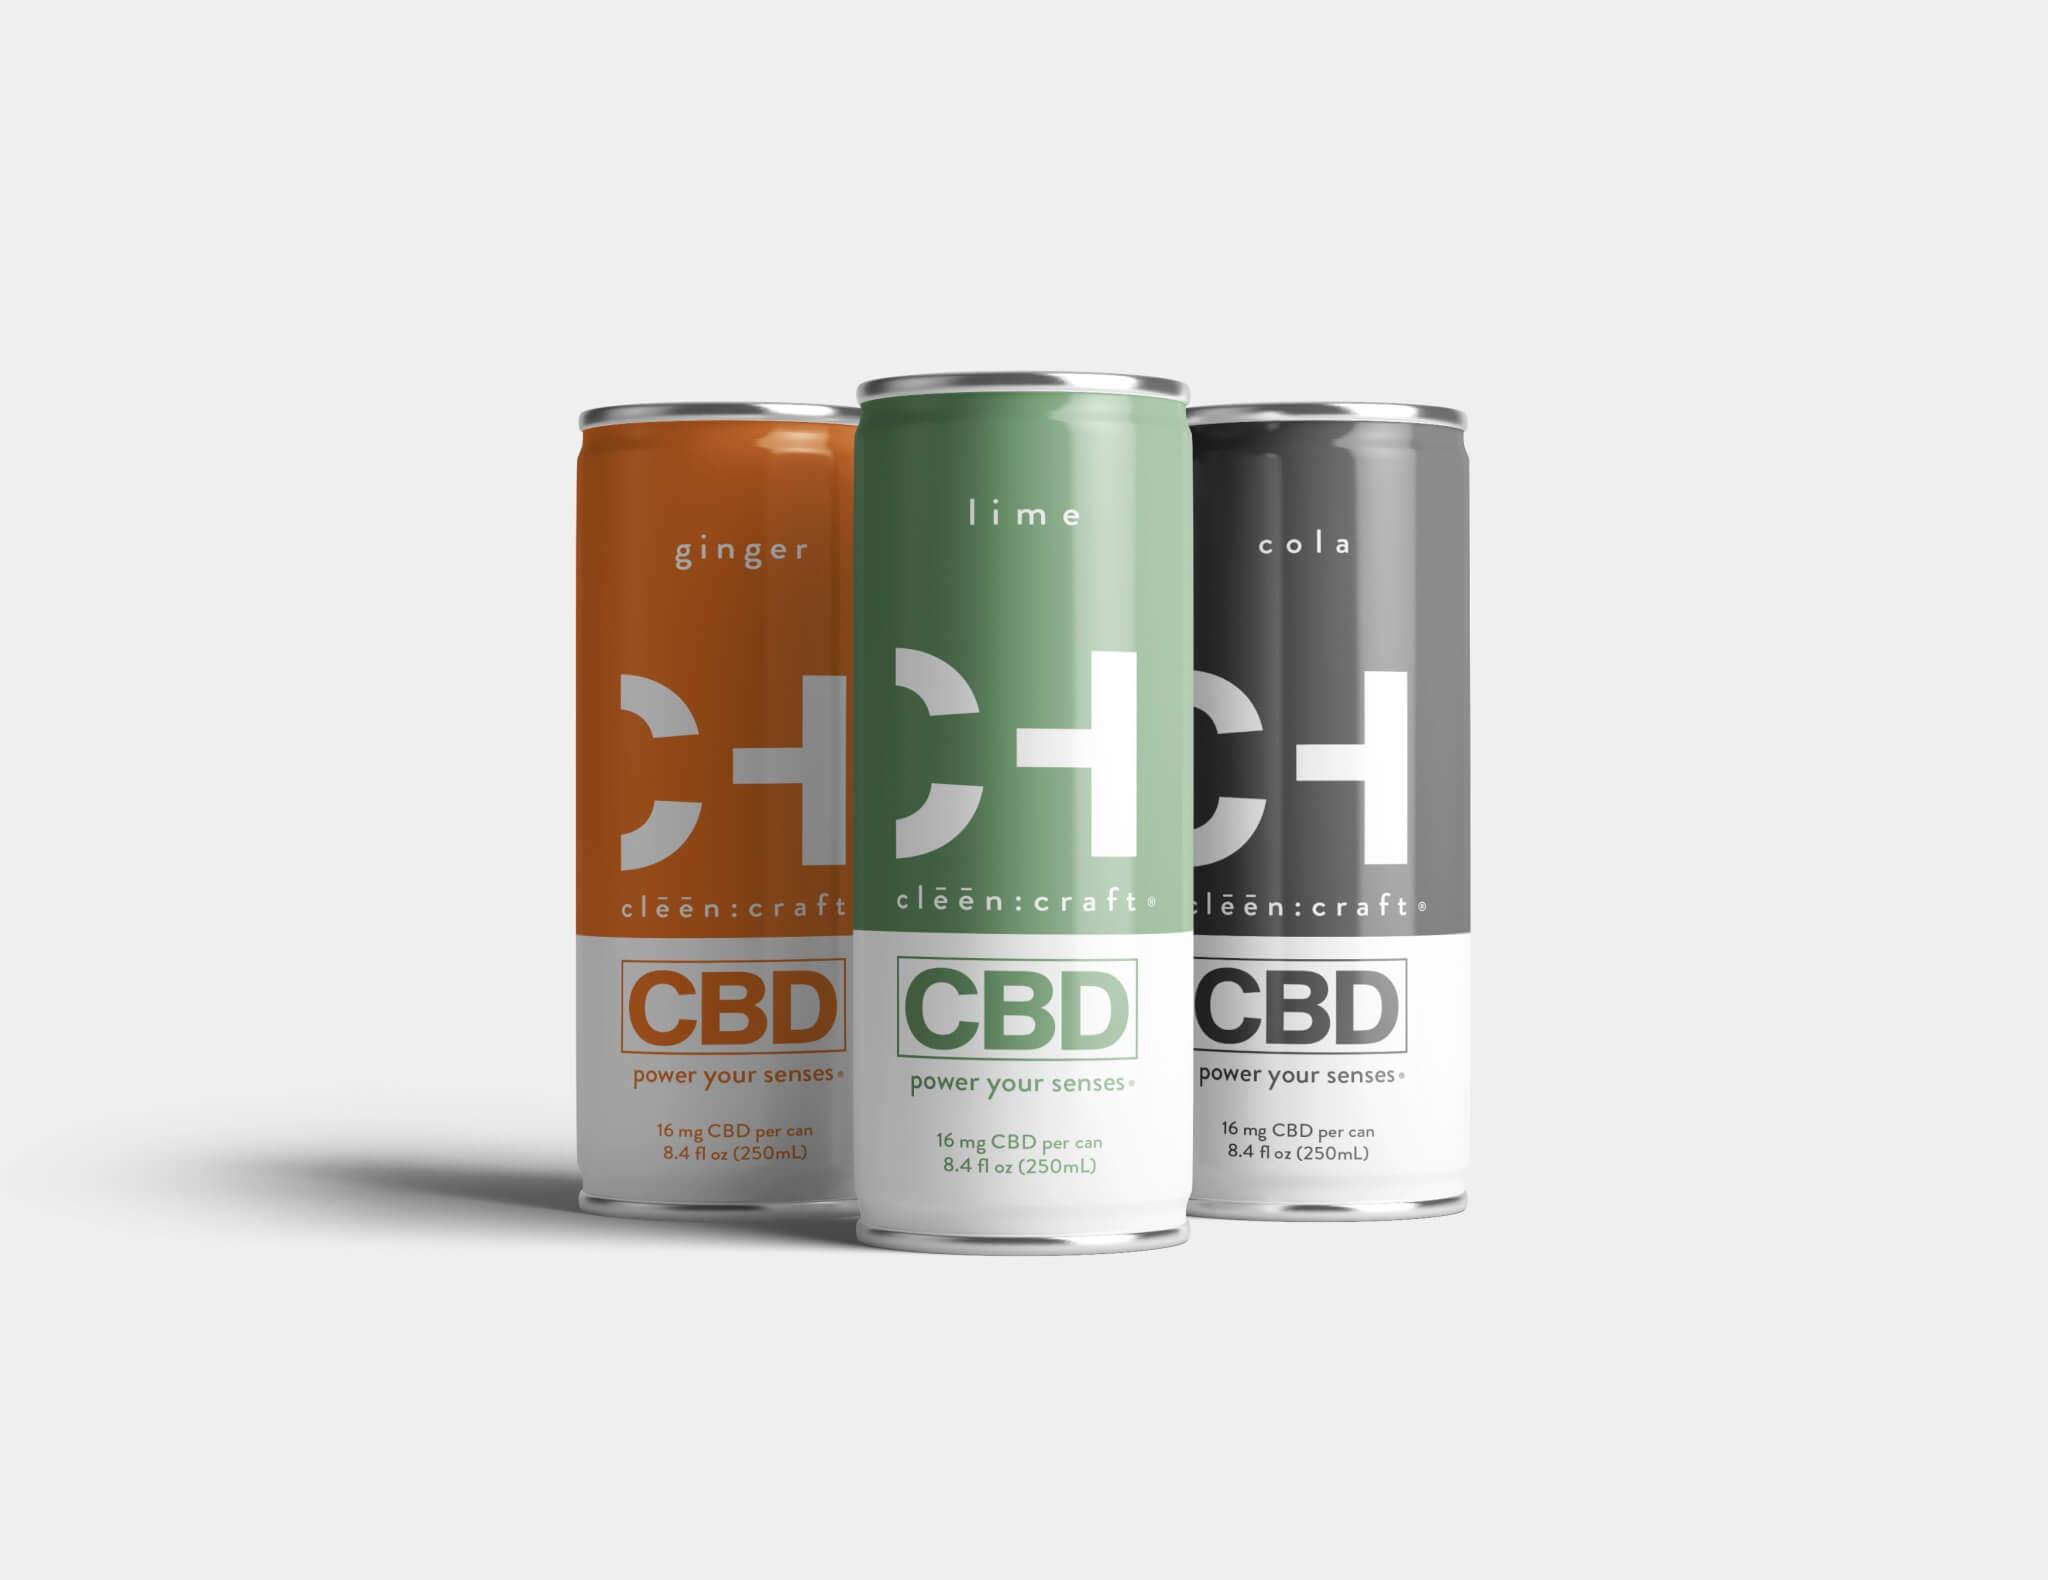 bebidas de CBD que mejoran el ánimo